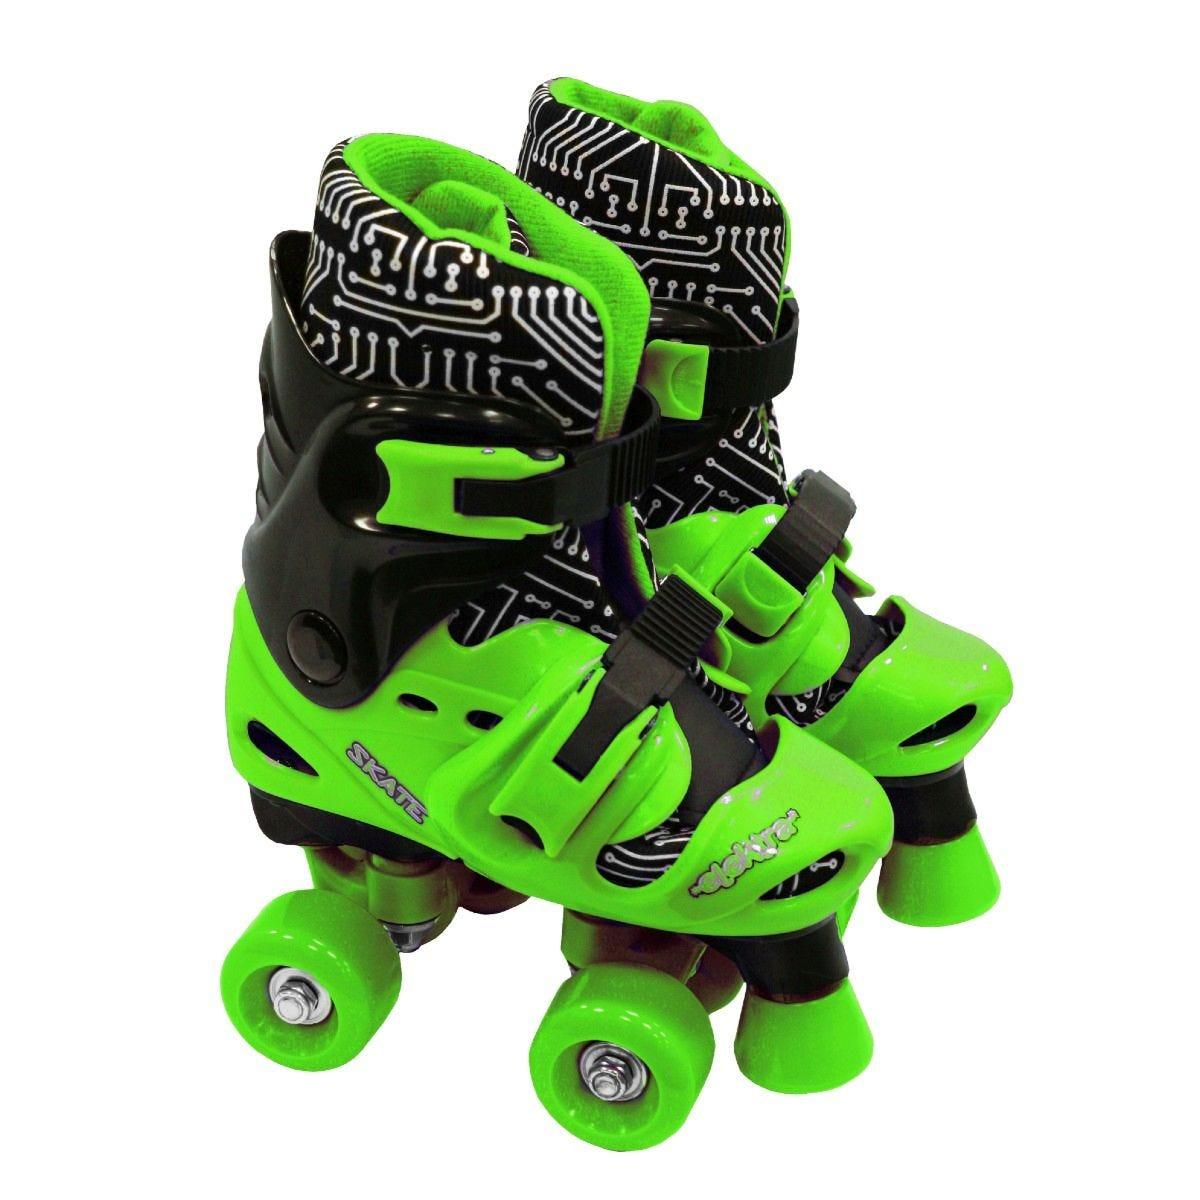 Elektra Quad Boot Adjustable Roller Skates Medium Green and Black